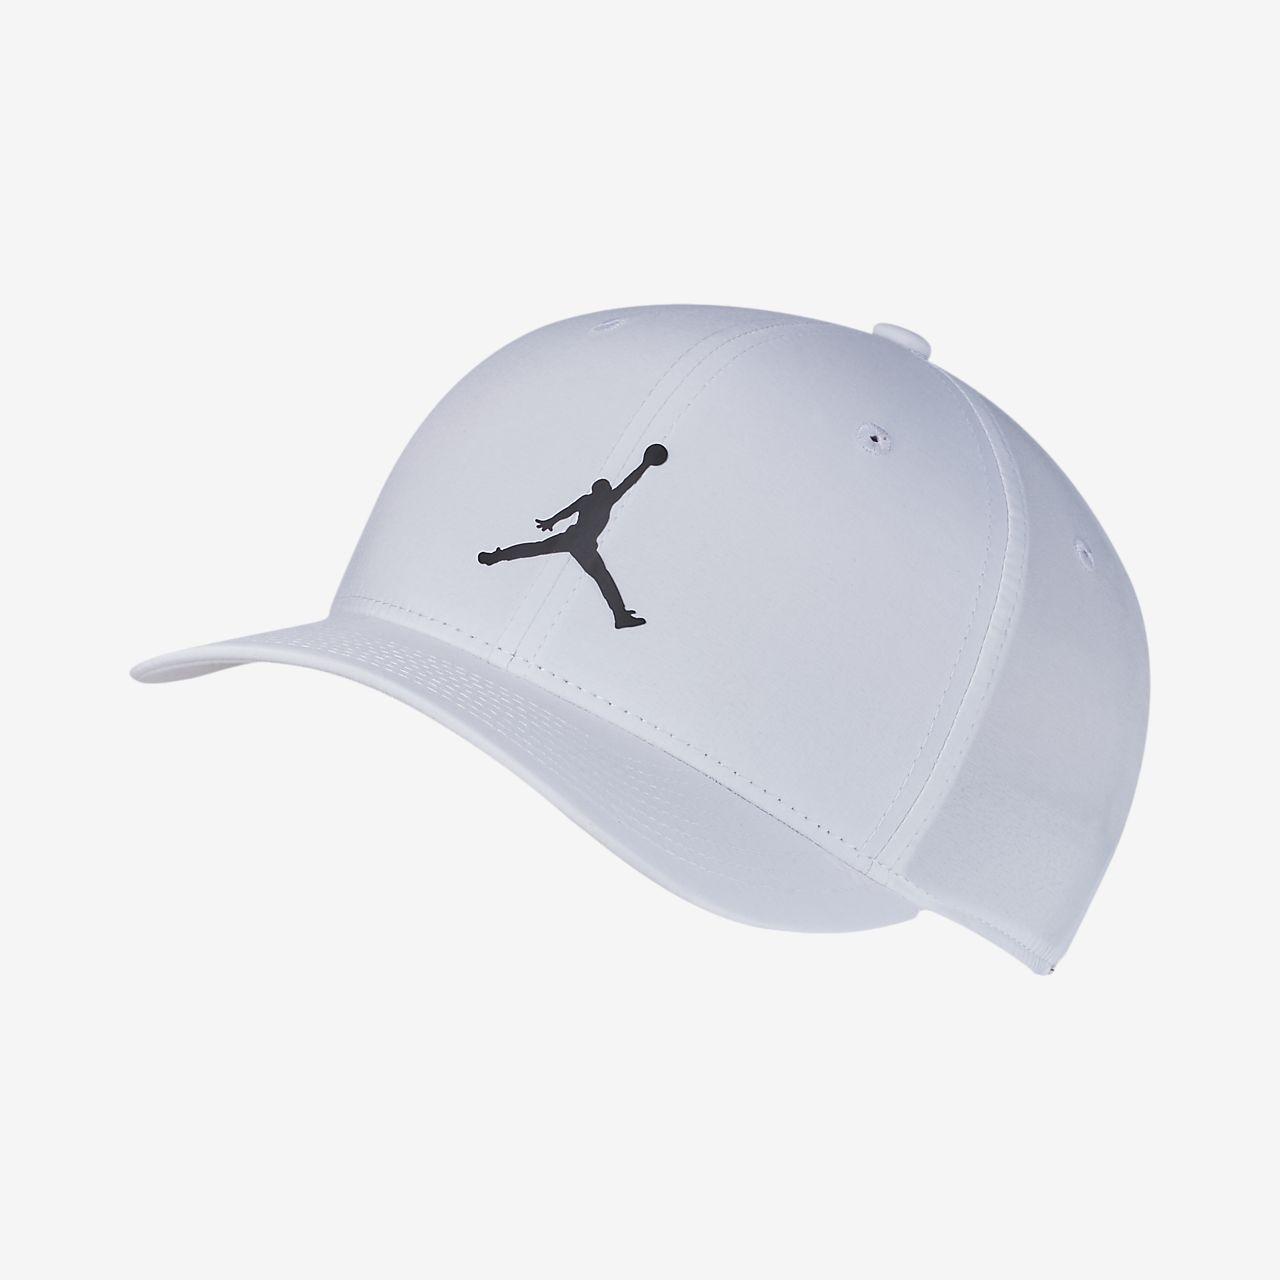 หมวกแก๊ปผู้ชาย Jordan Classic99